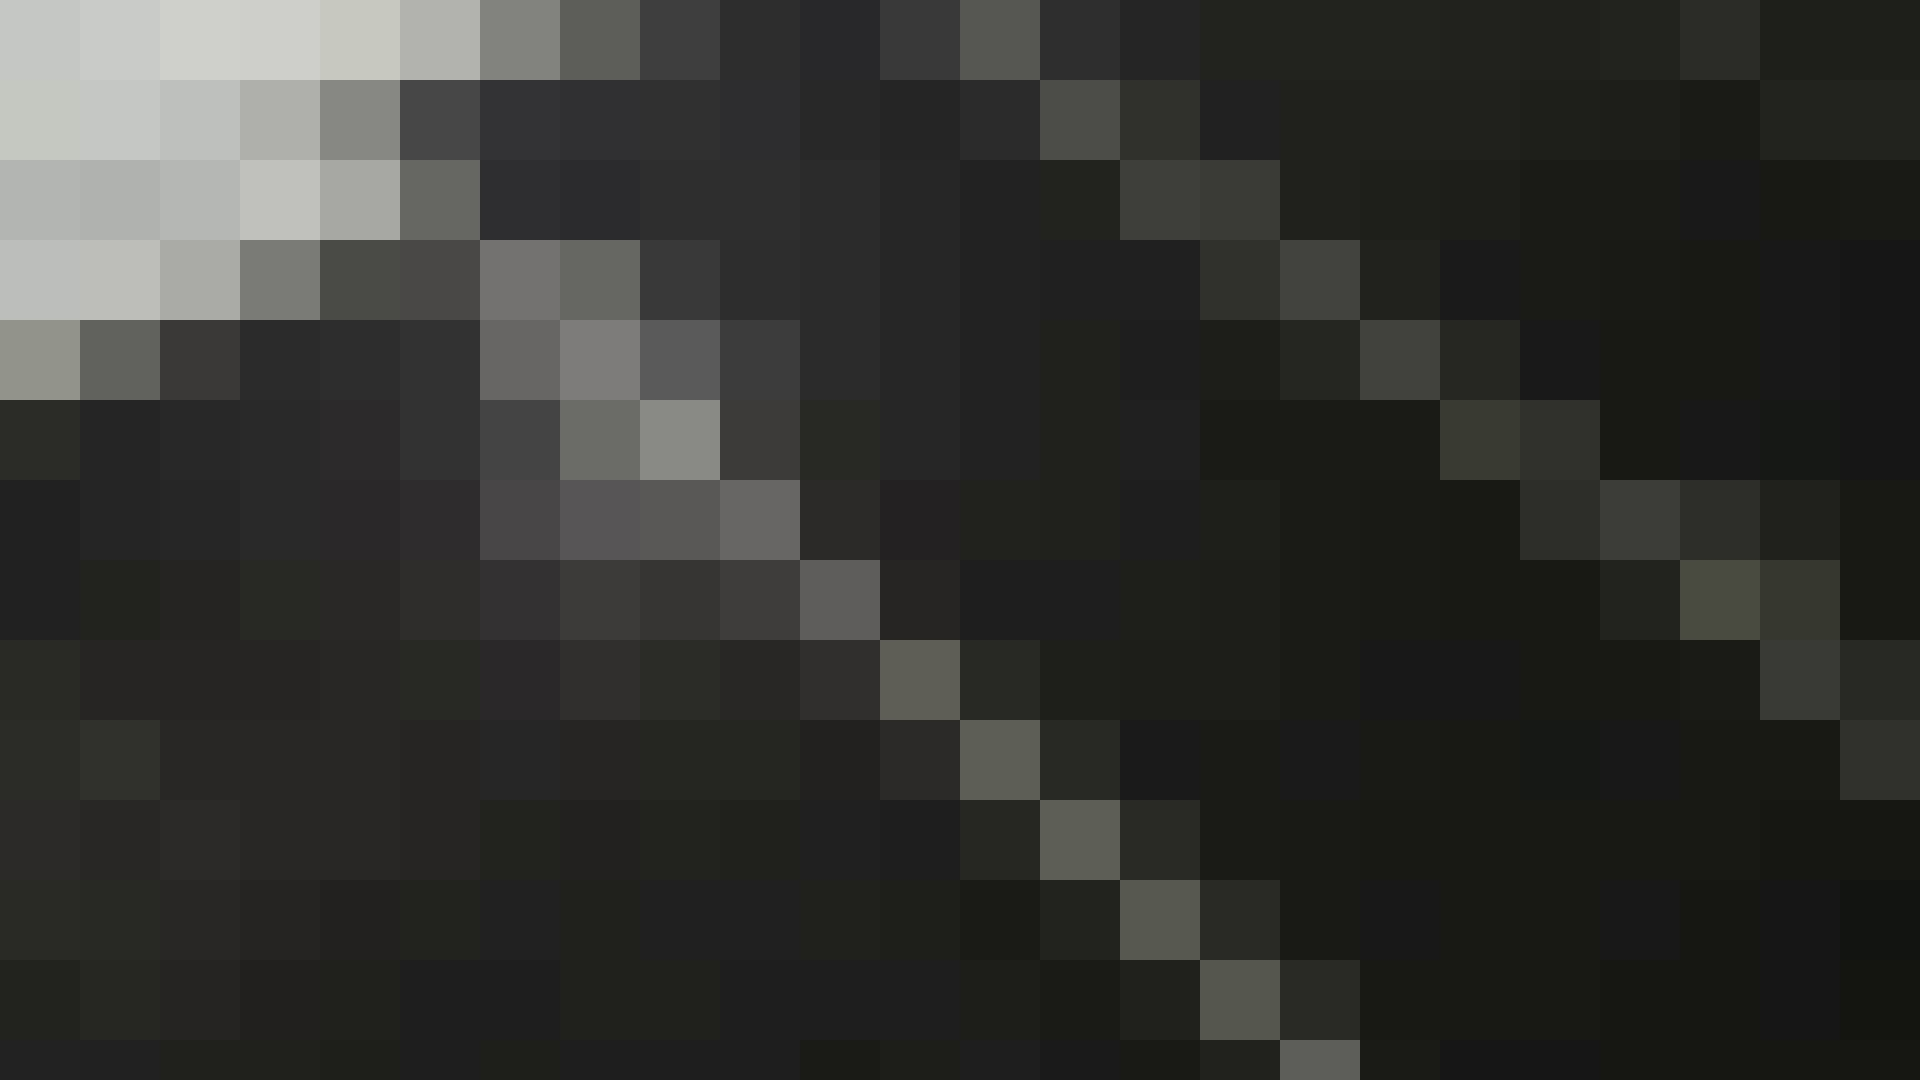 世界の射窓から ステーション編 vol.18 ゴン太 推定600g超過 ギャル達 おまんこ無修正動画無料 94枚 8